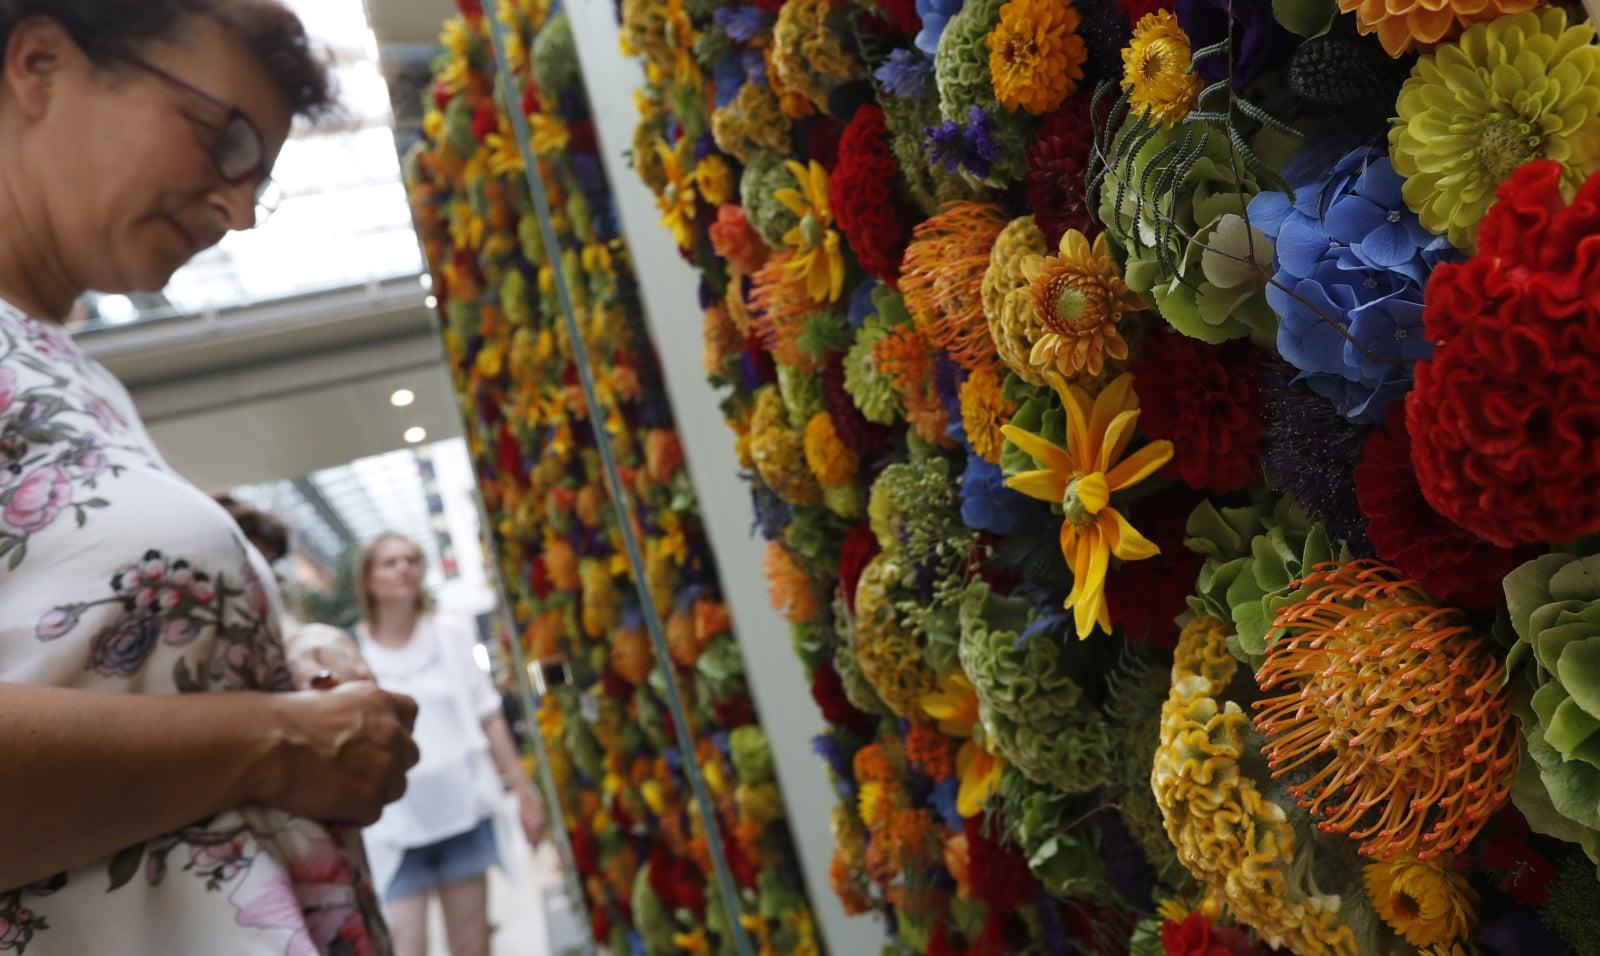 Florystyczne Mistrzostwa w Niemczech EPA/FELIPE TRUEBA